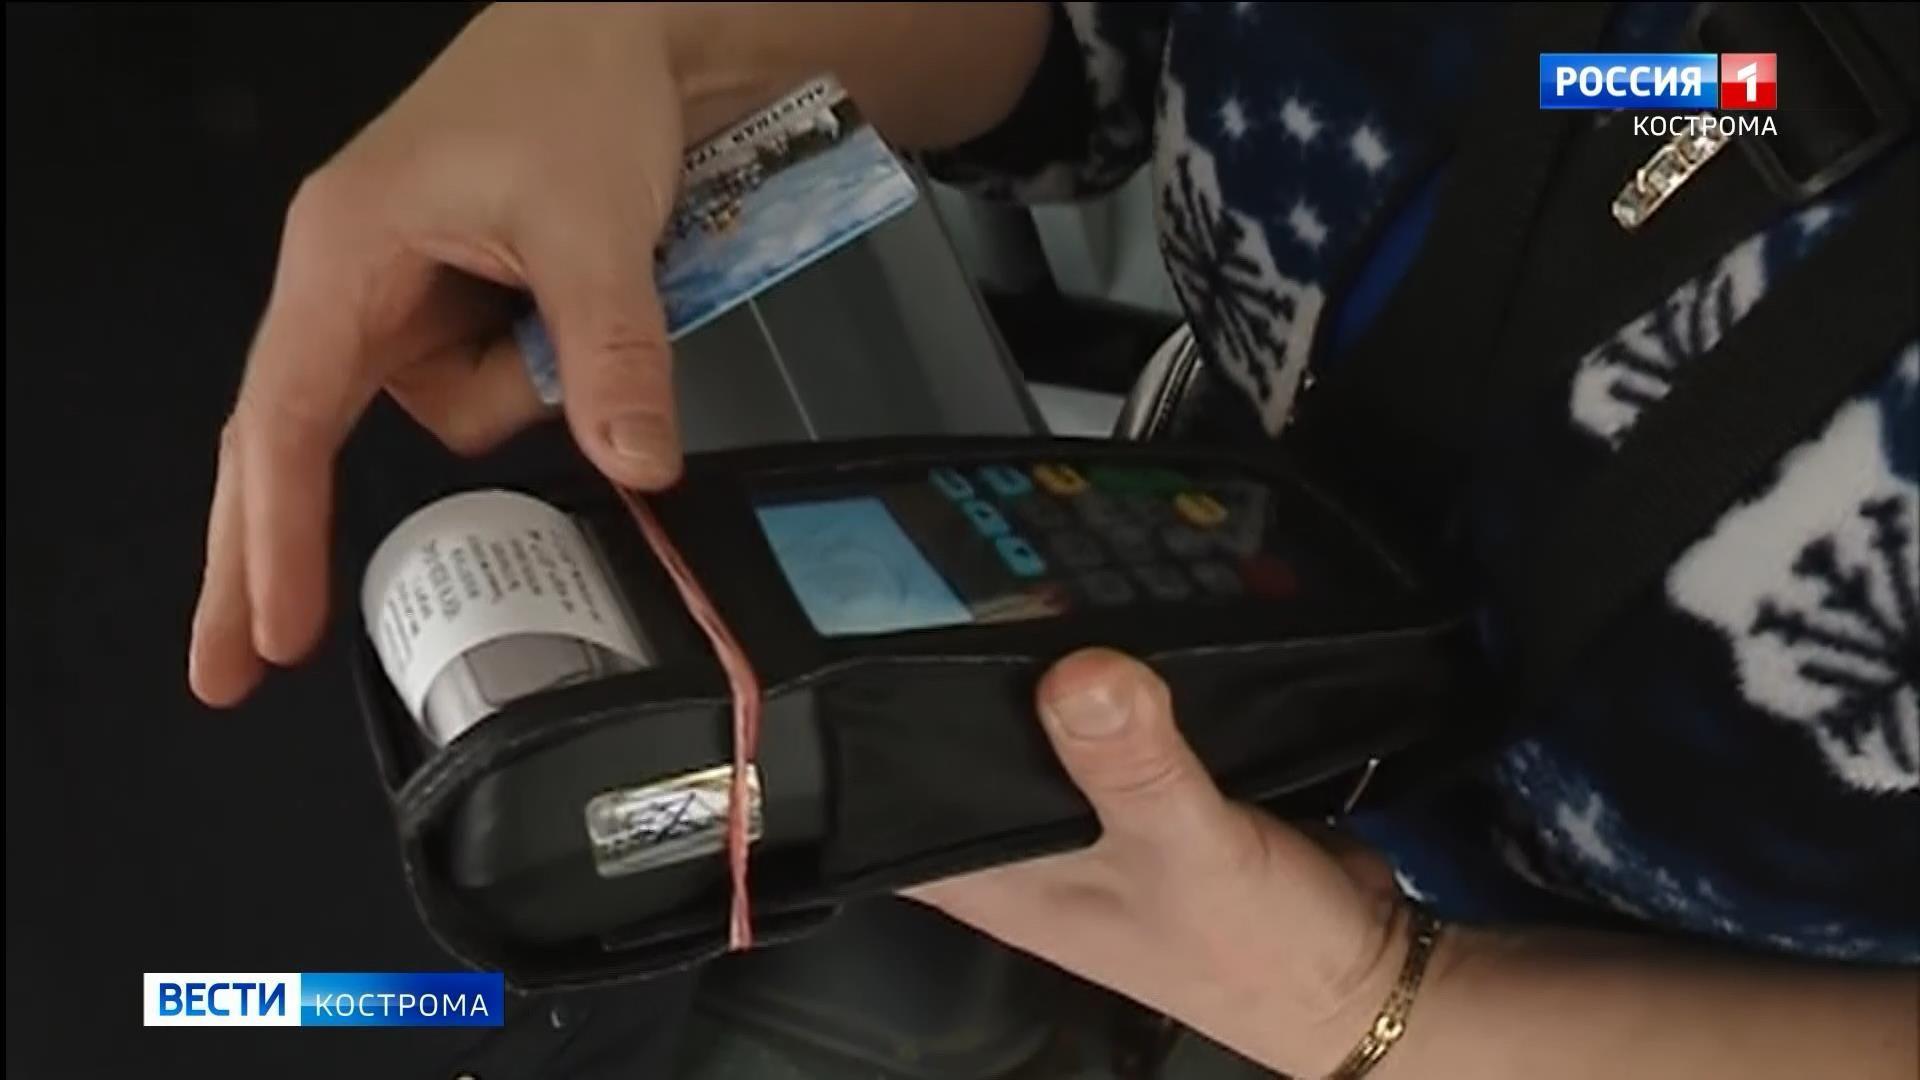 Власти Костромы приняли решение об изменении схемы действия транспортных карт